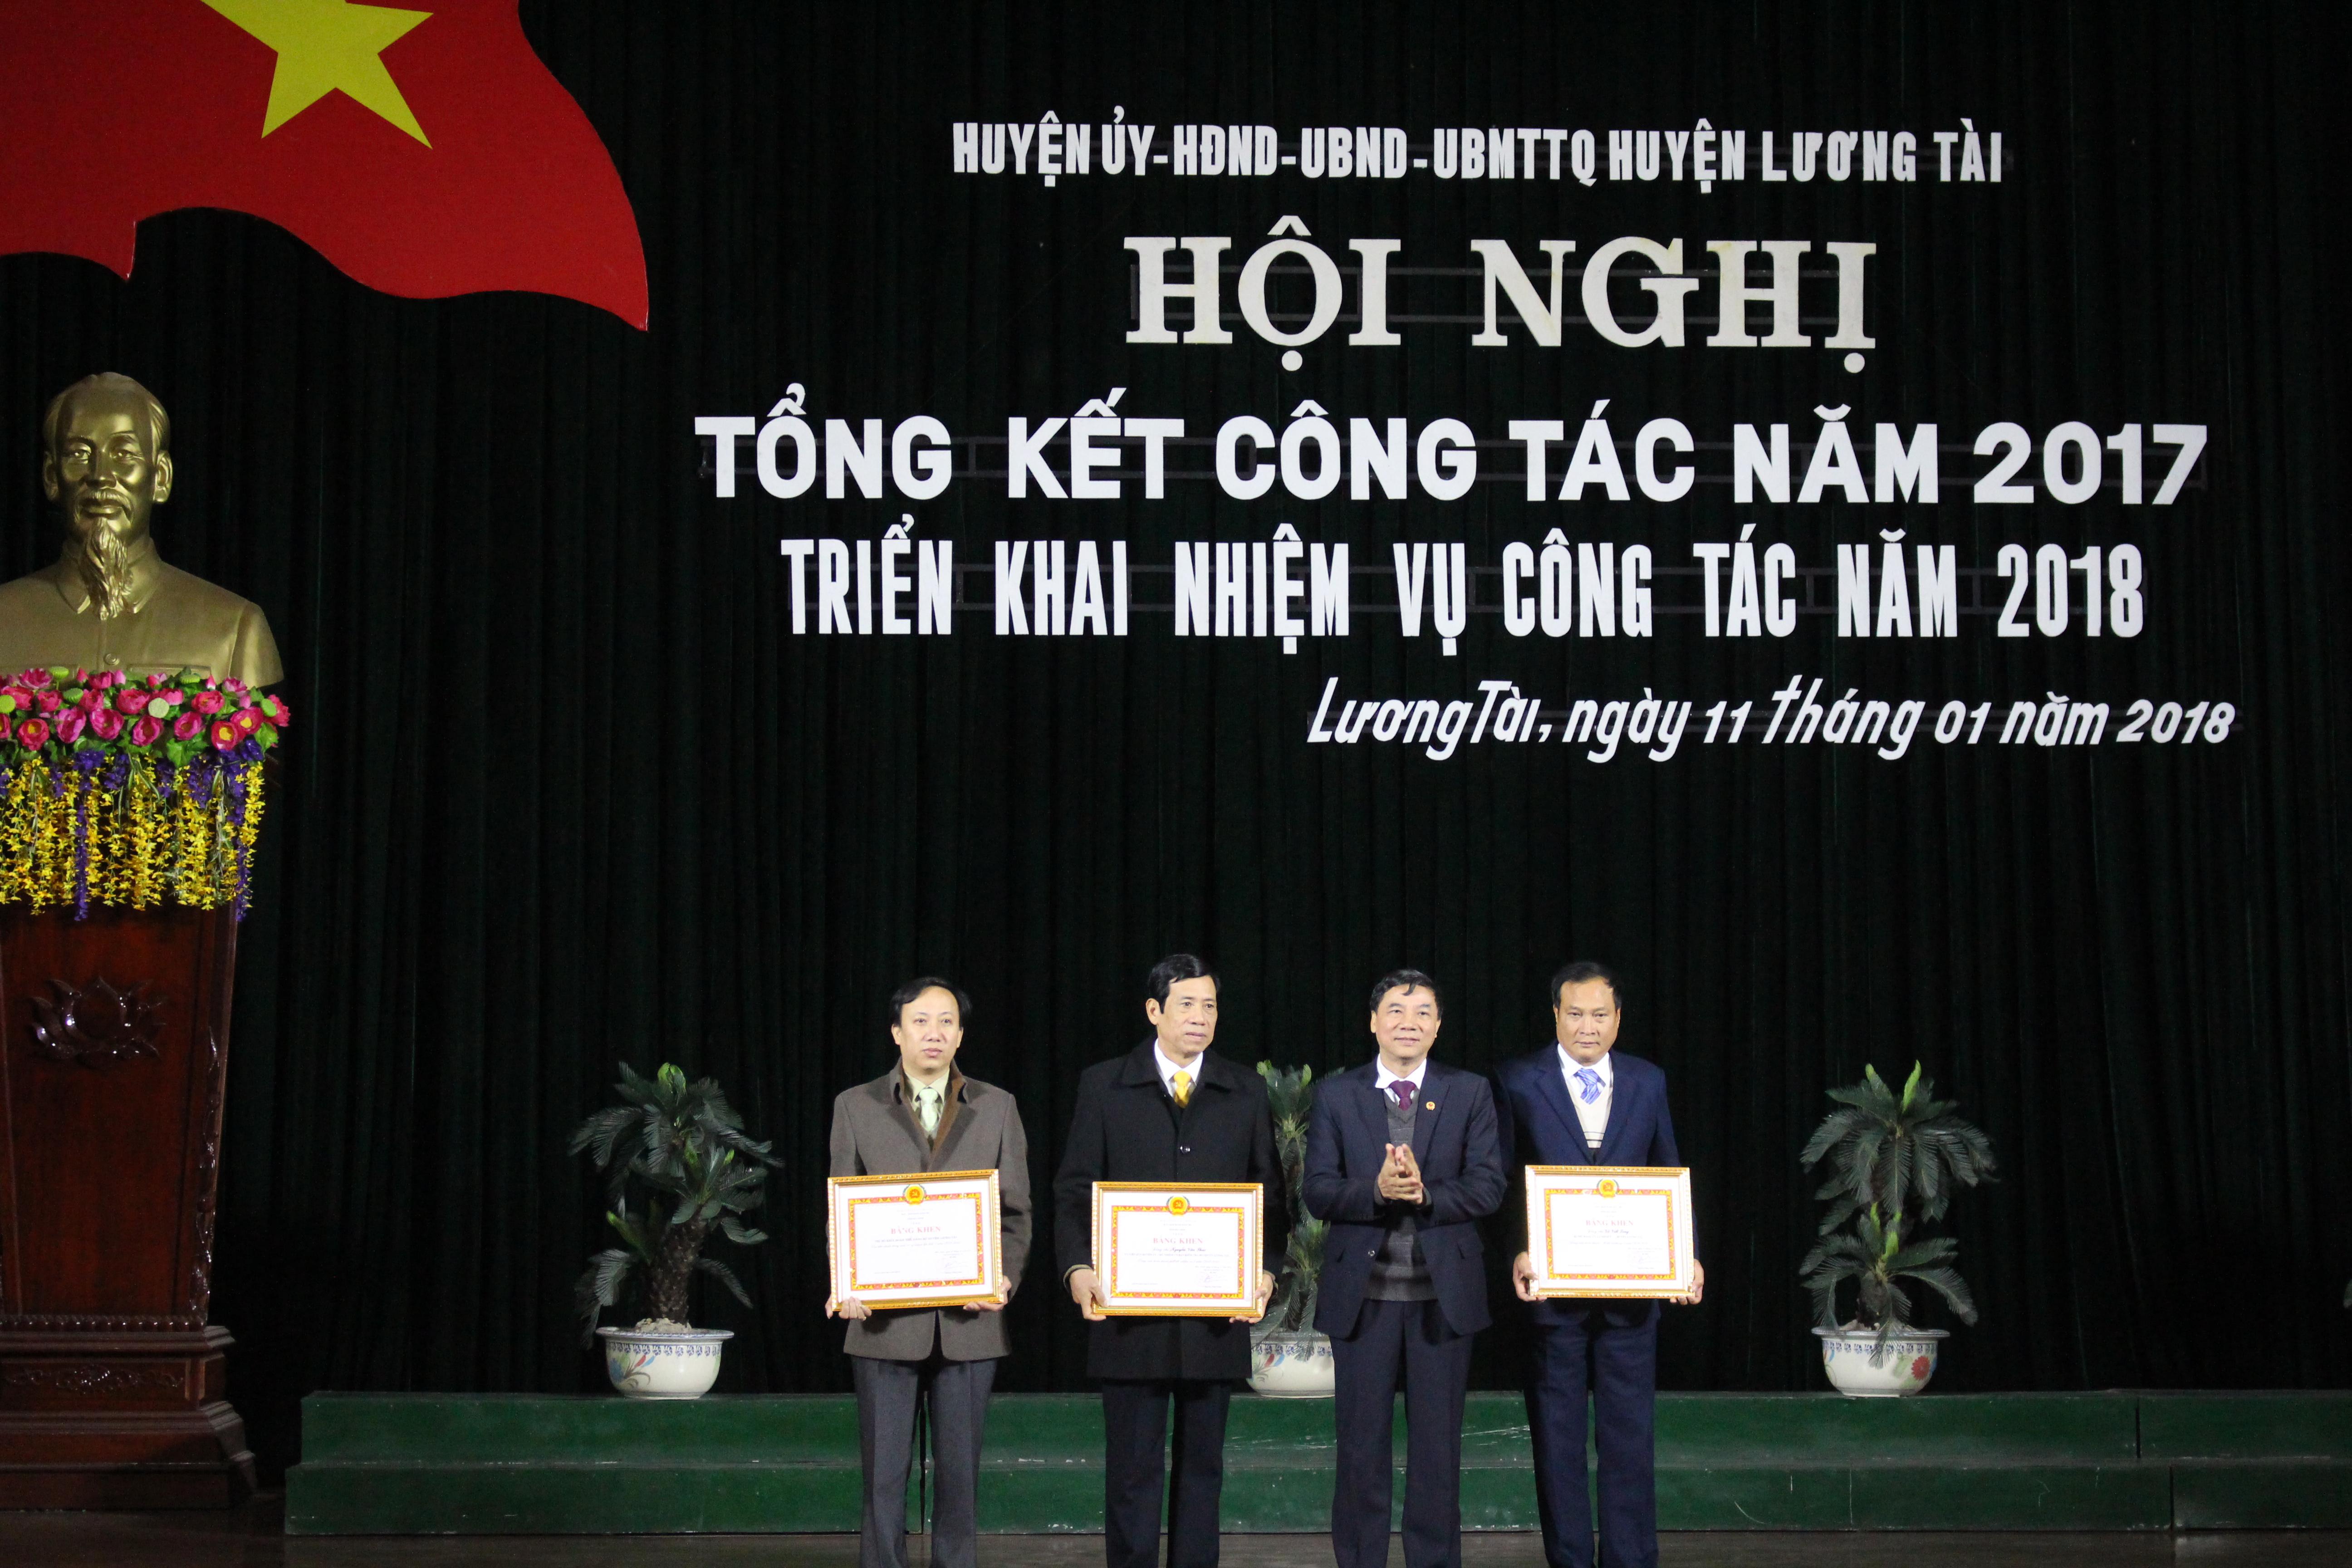 (Phó bí thư thường trực tỉnh ủy Nguyễn Hữu Quất trao tặng bằng khen cho các đơn vị)